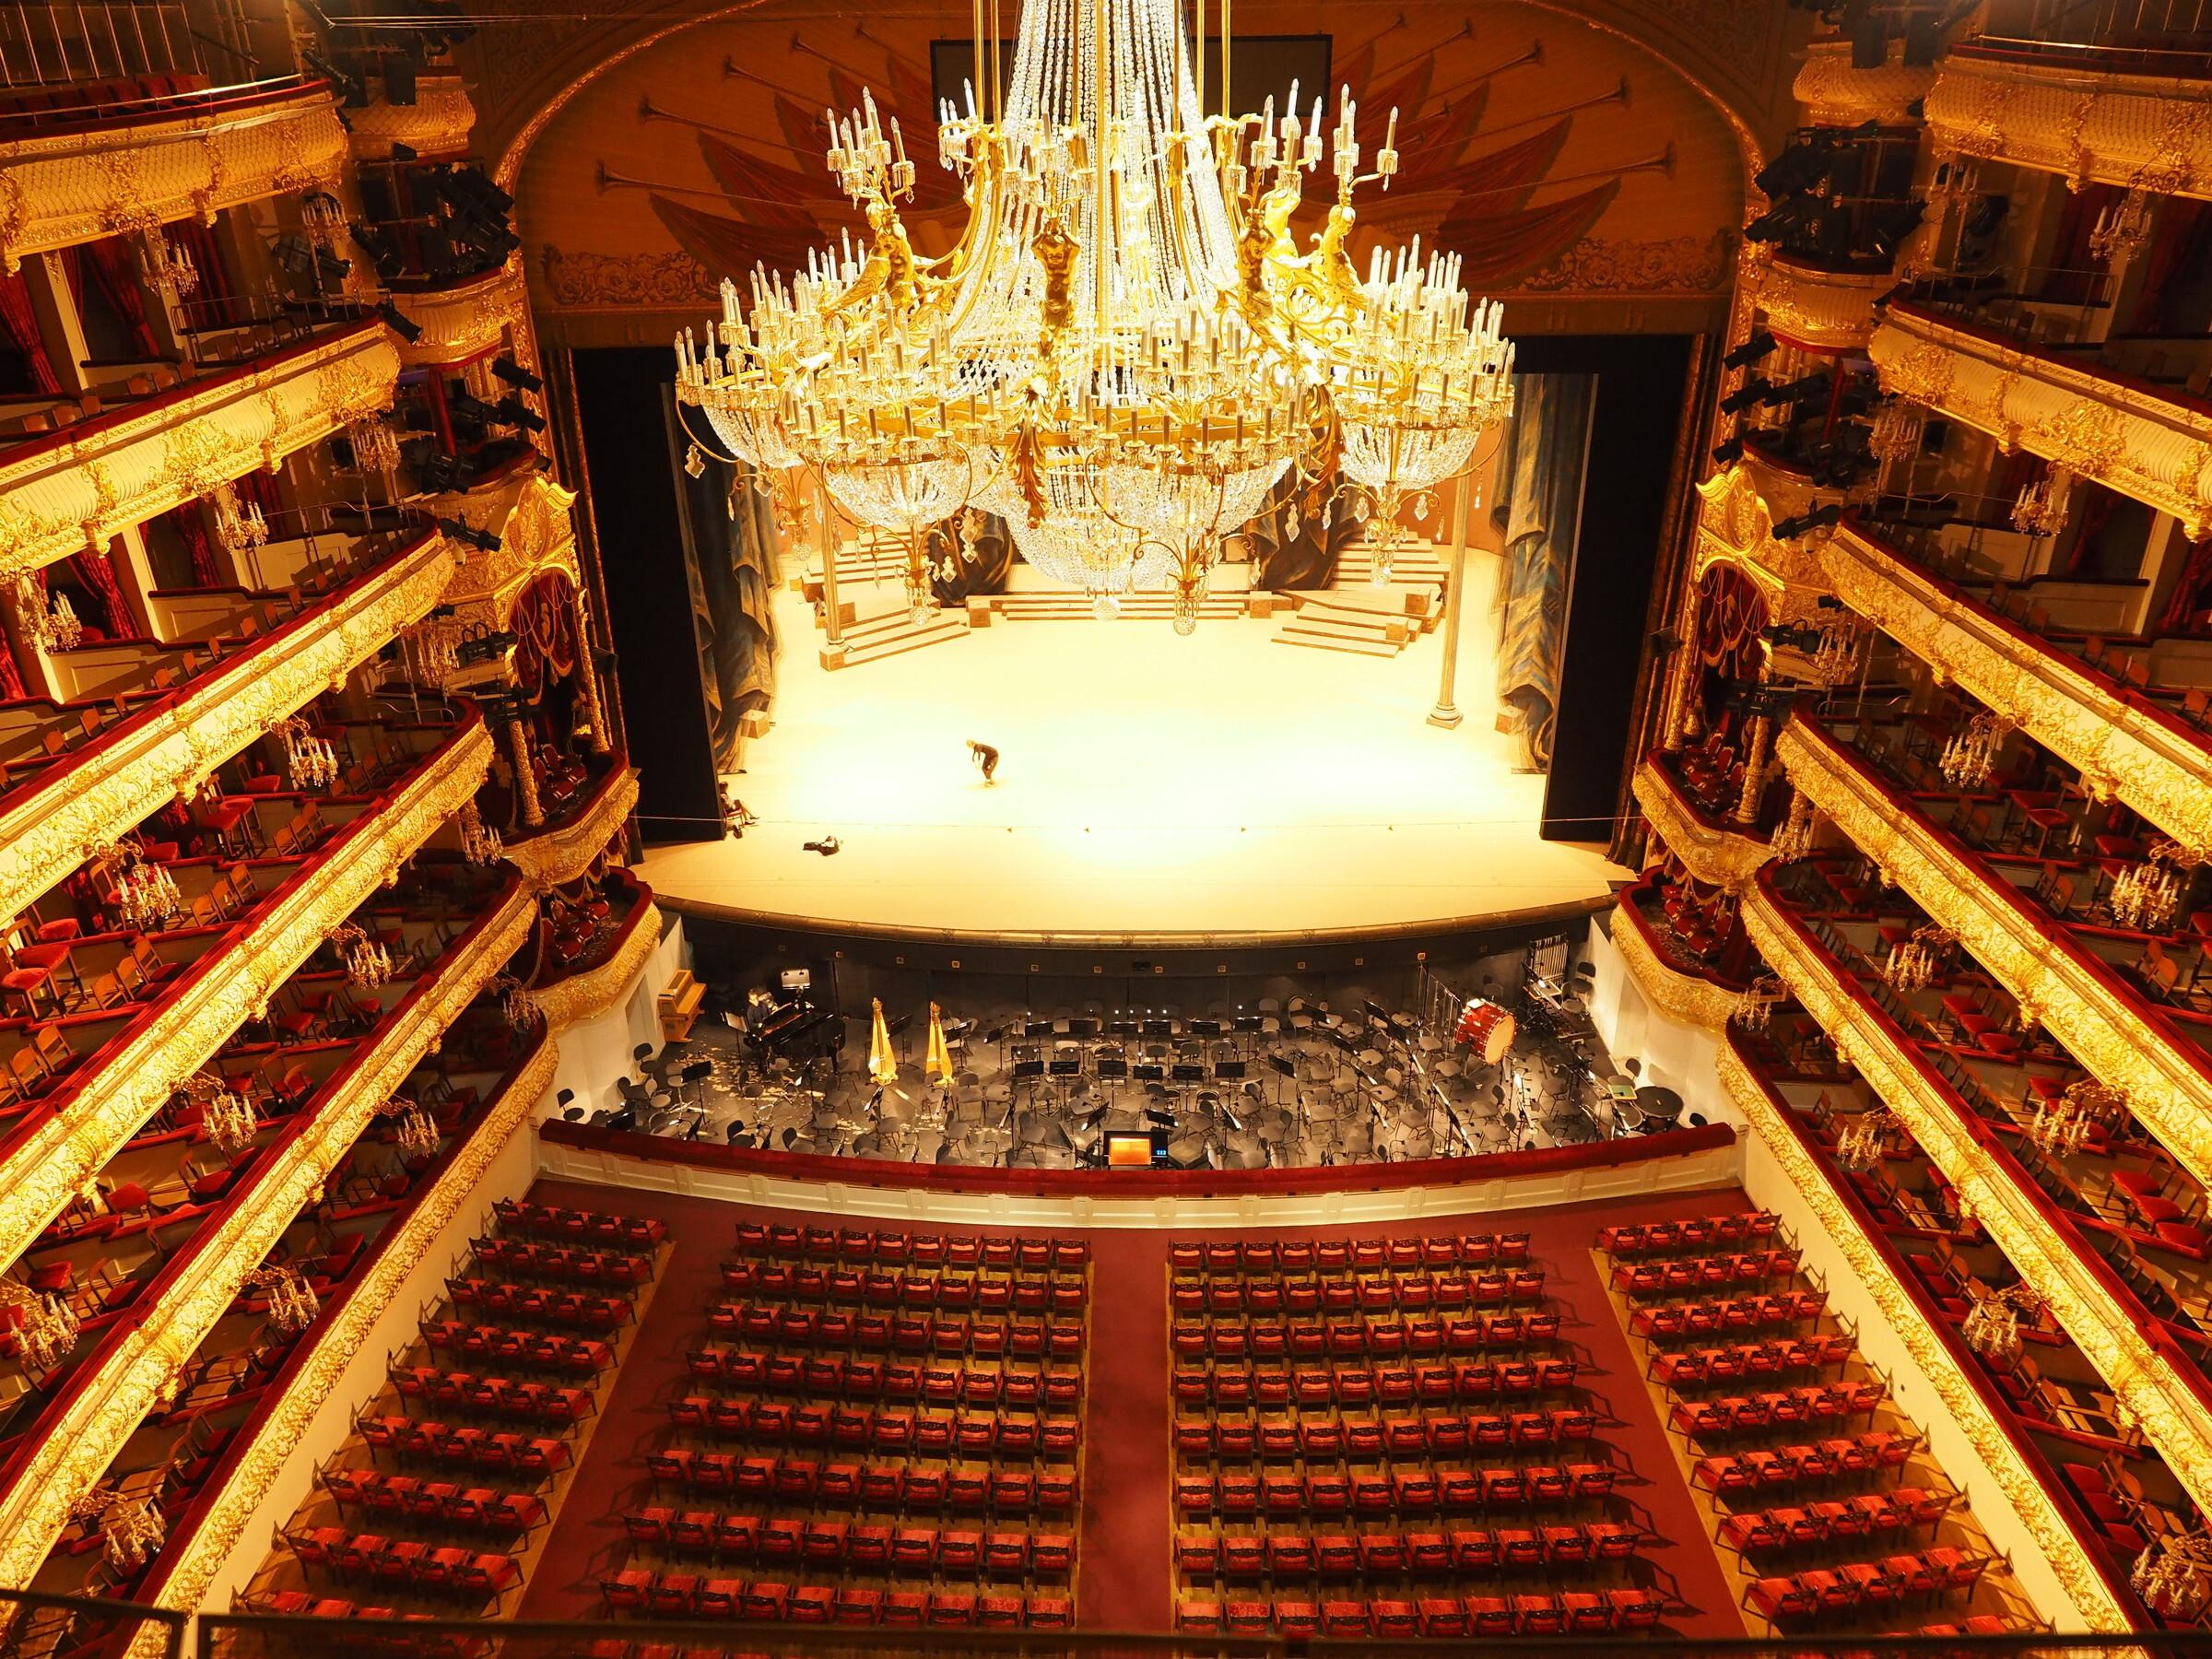 Изображение вид на зрительный зал и сцену с балкона последне.